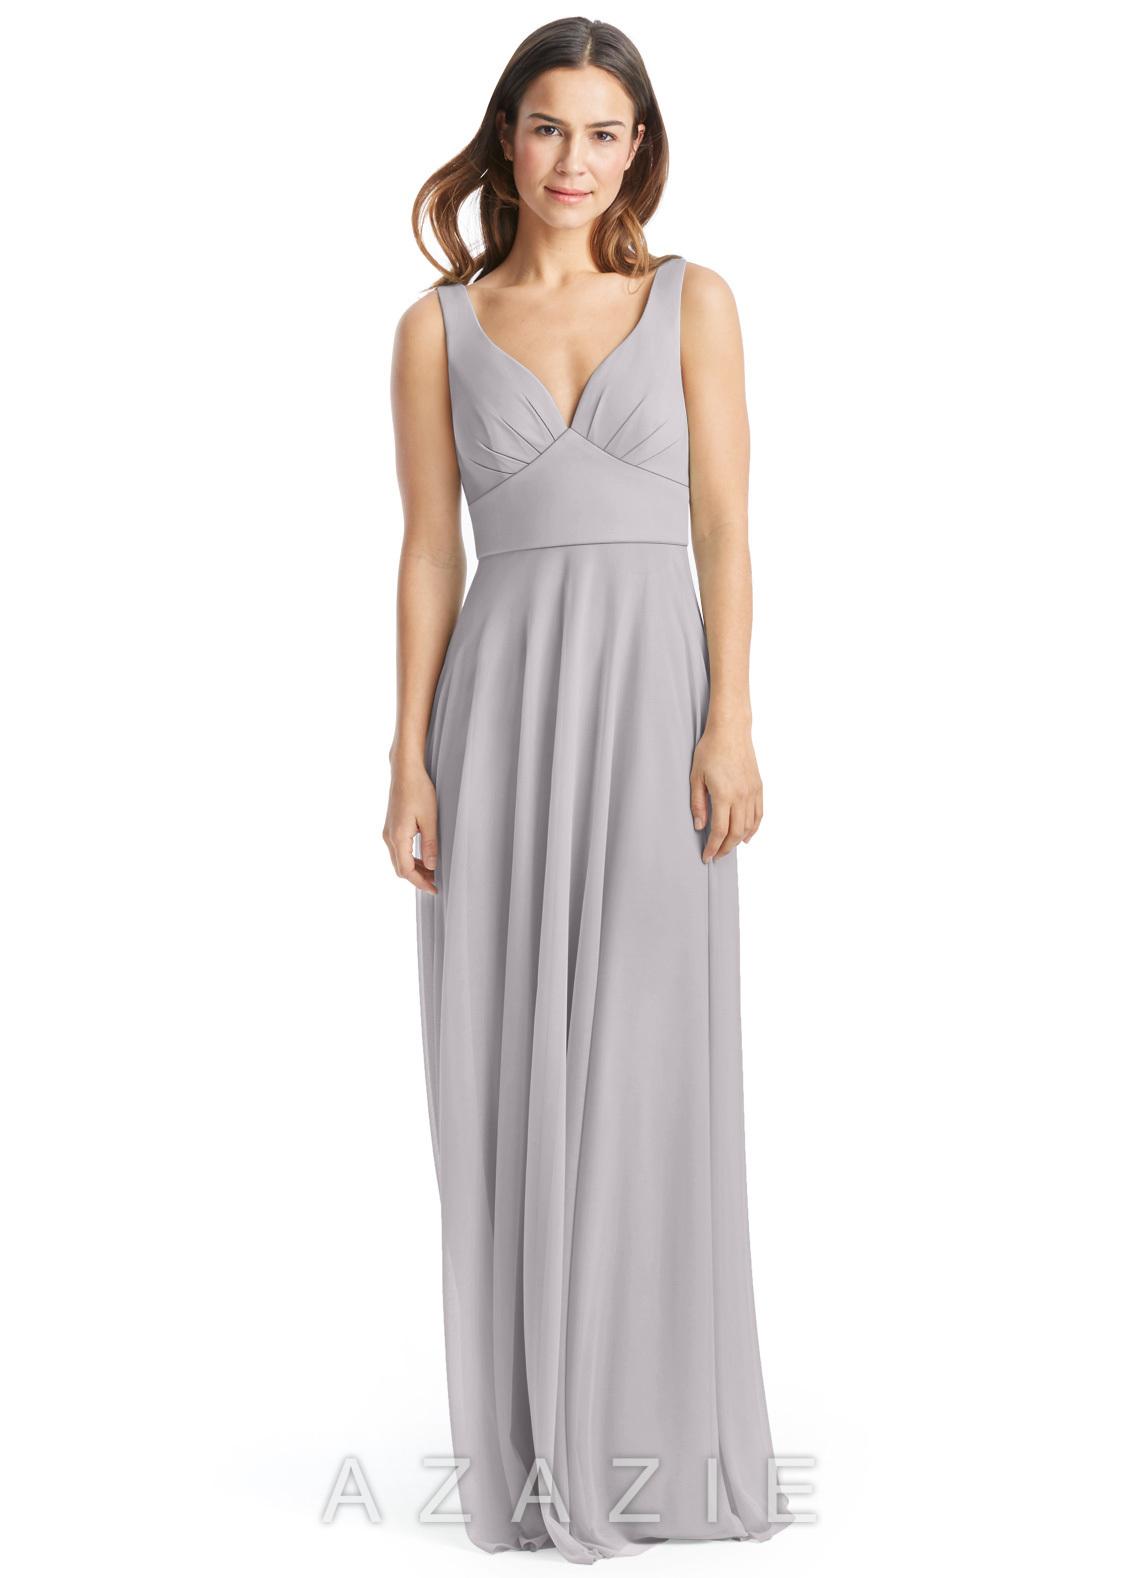 764601b245dd Azazie Ada Bridesmaid Dresses